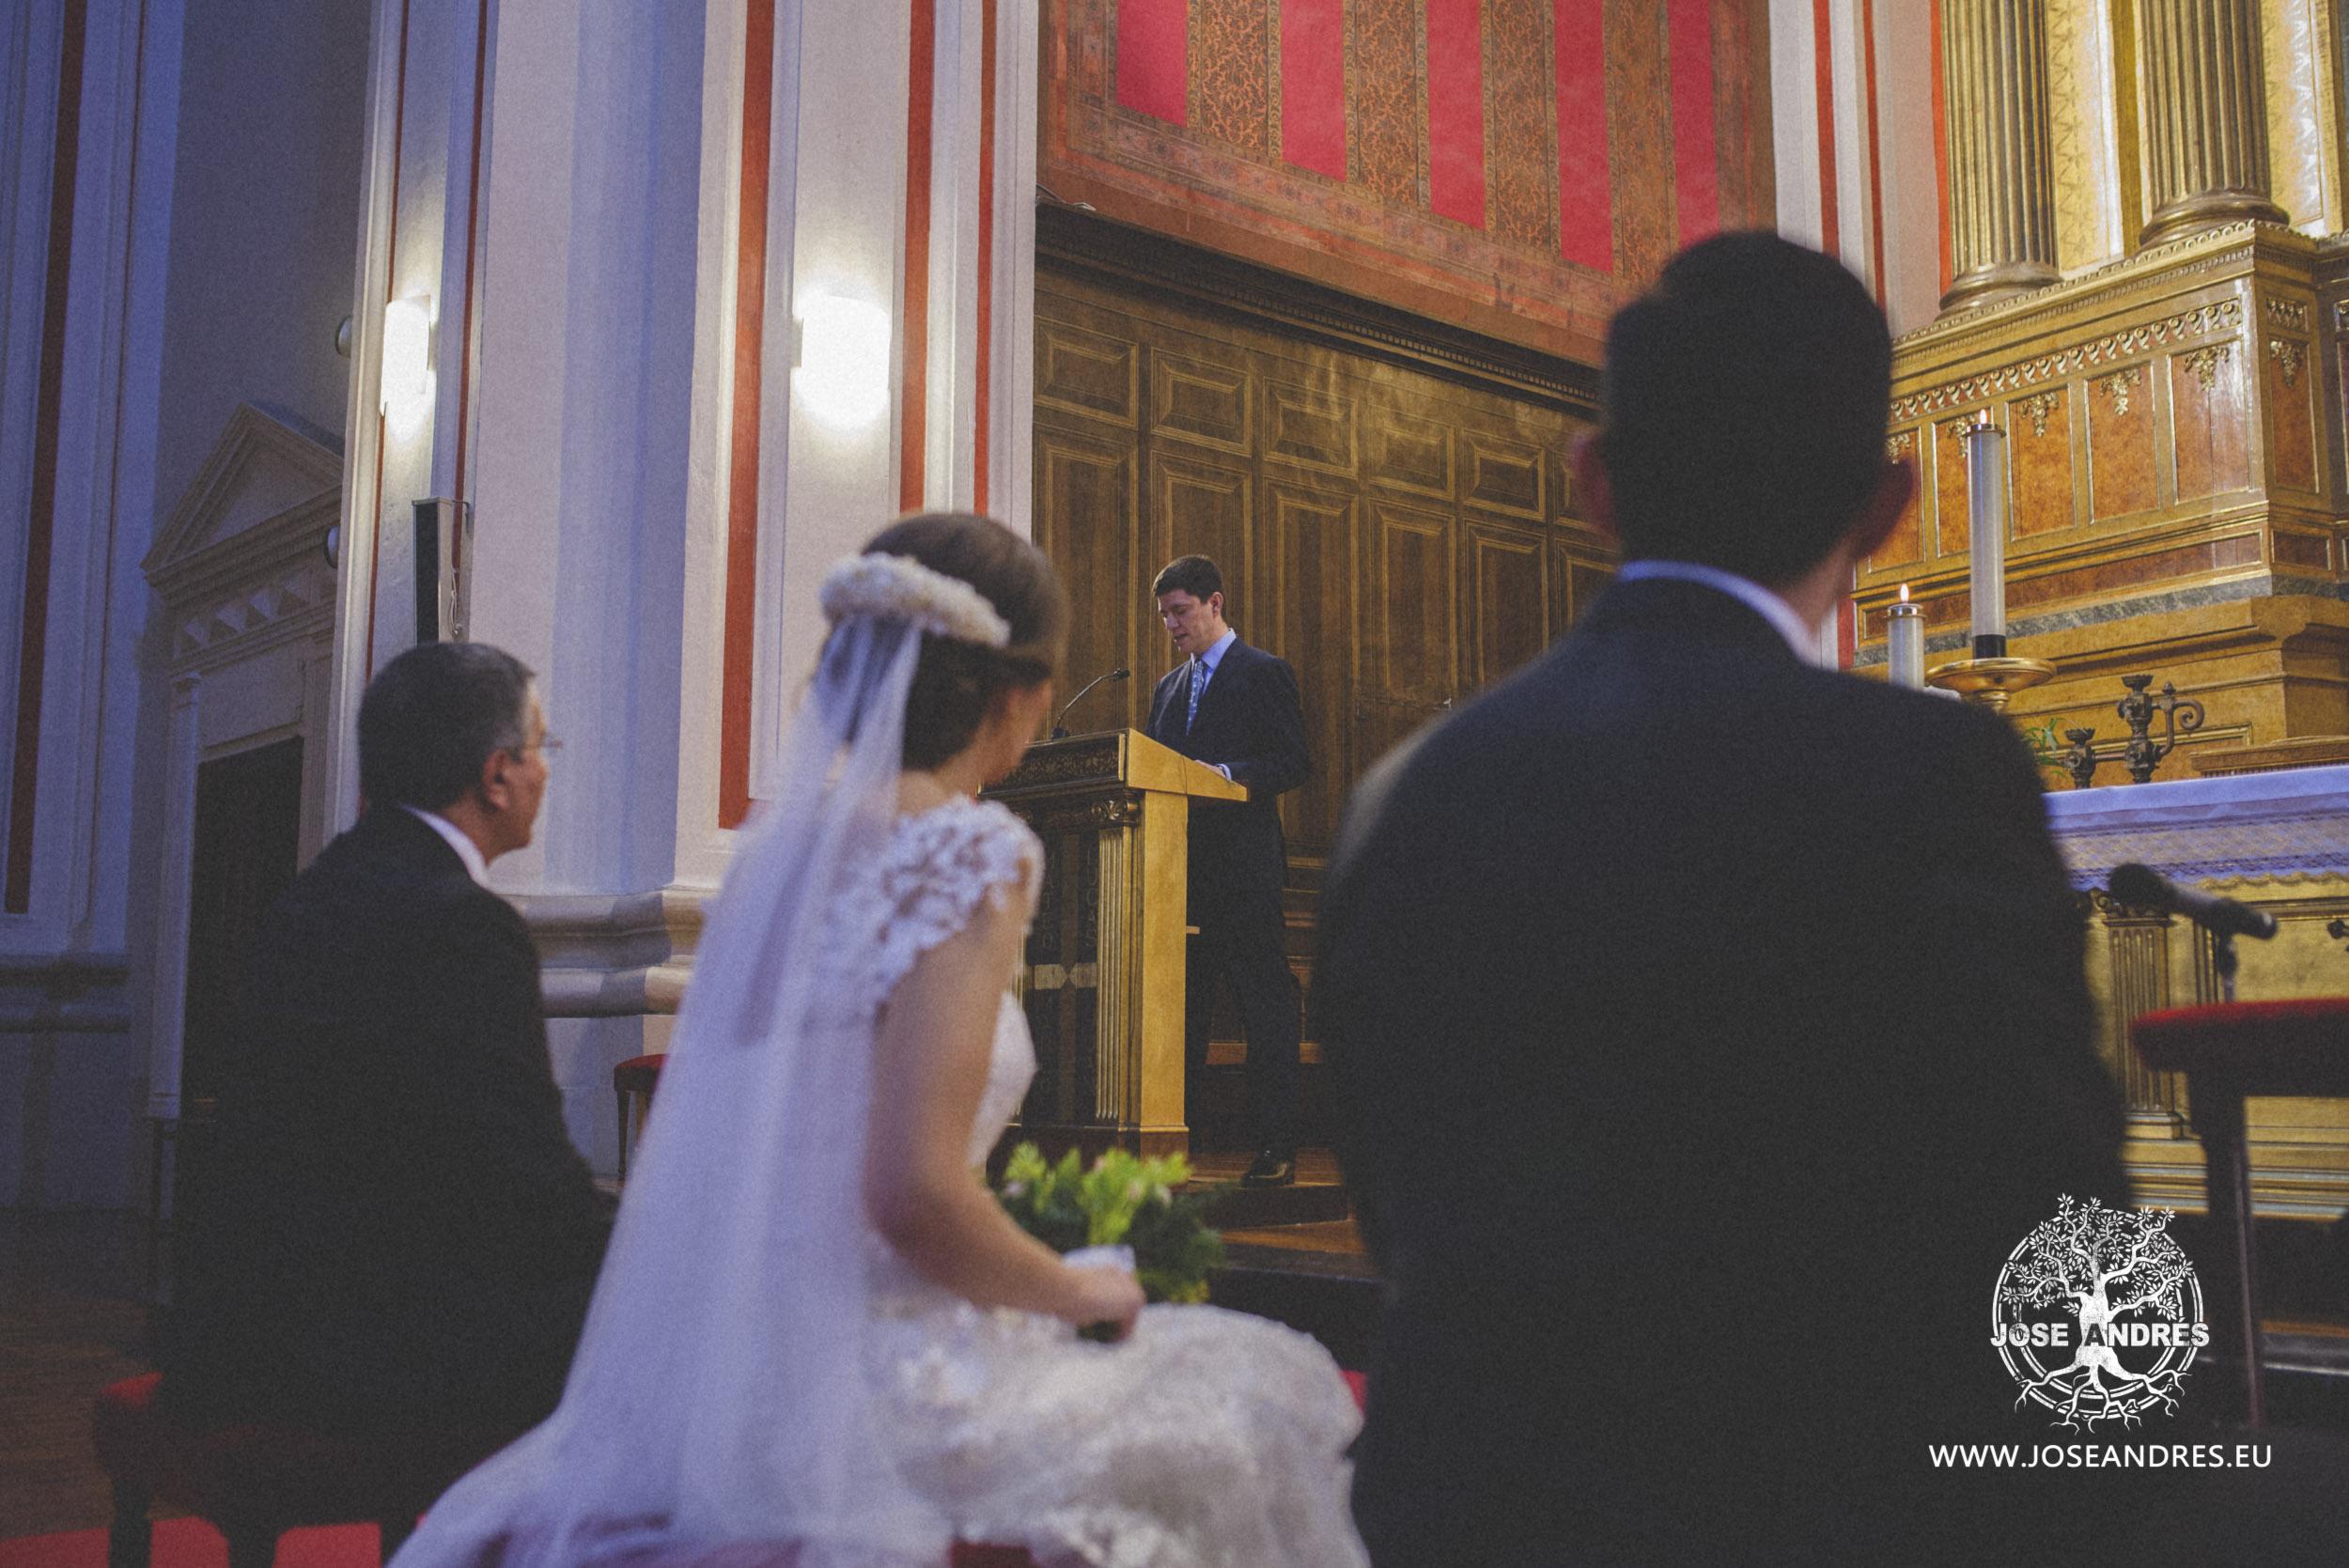 Boda en Soto de Bruil, ceremonia en Santiago el Mayor, Jose Andres fotografía y cine documental de bodas